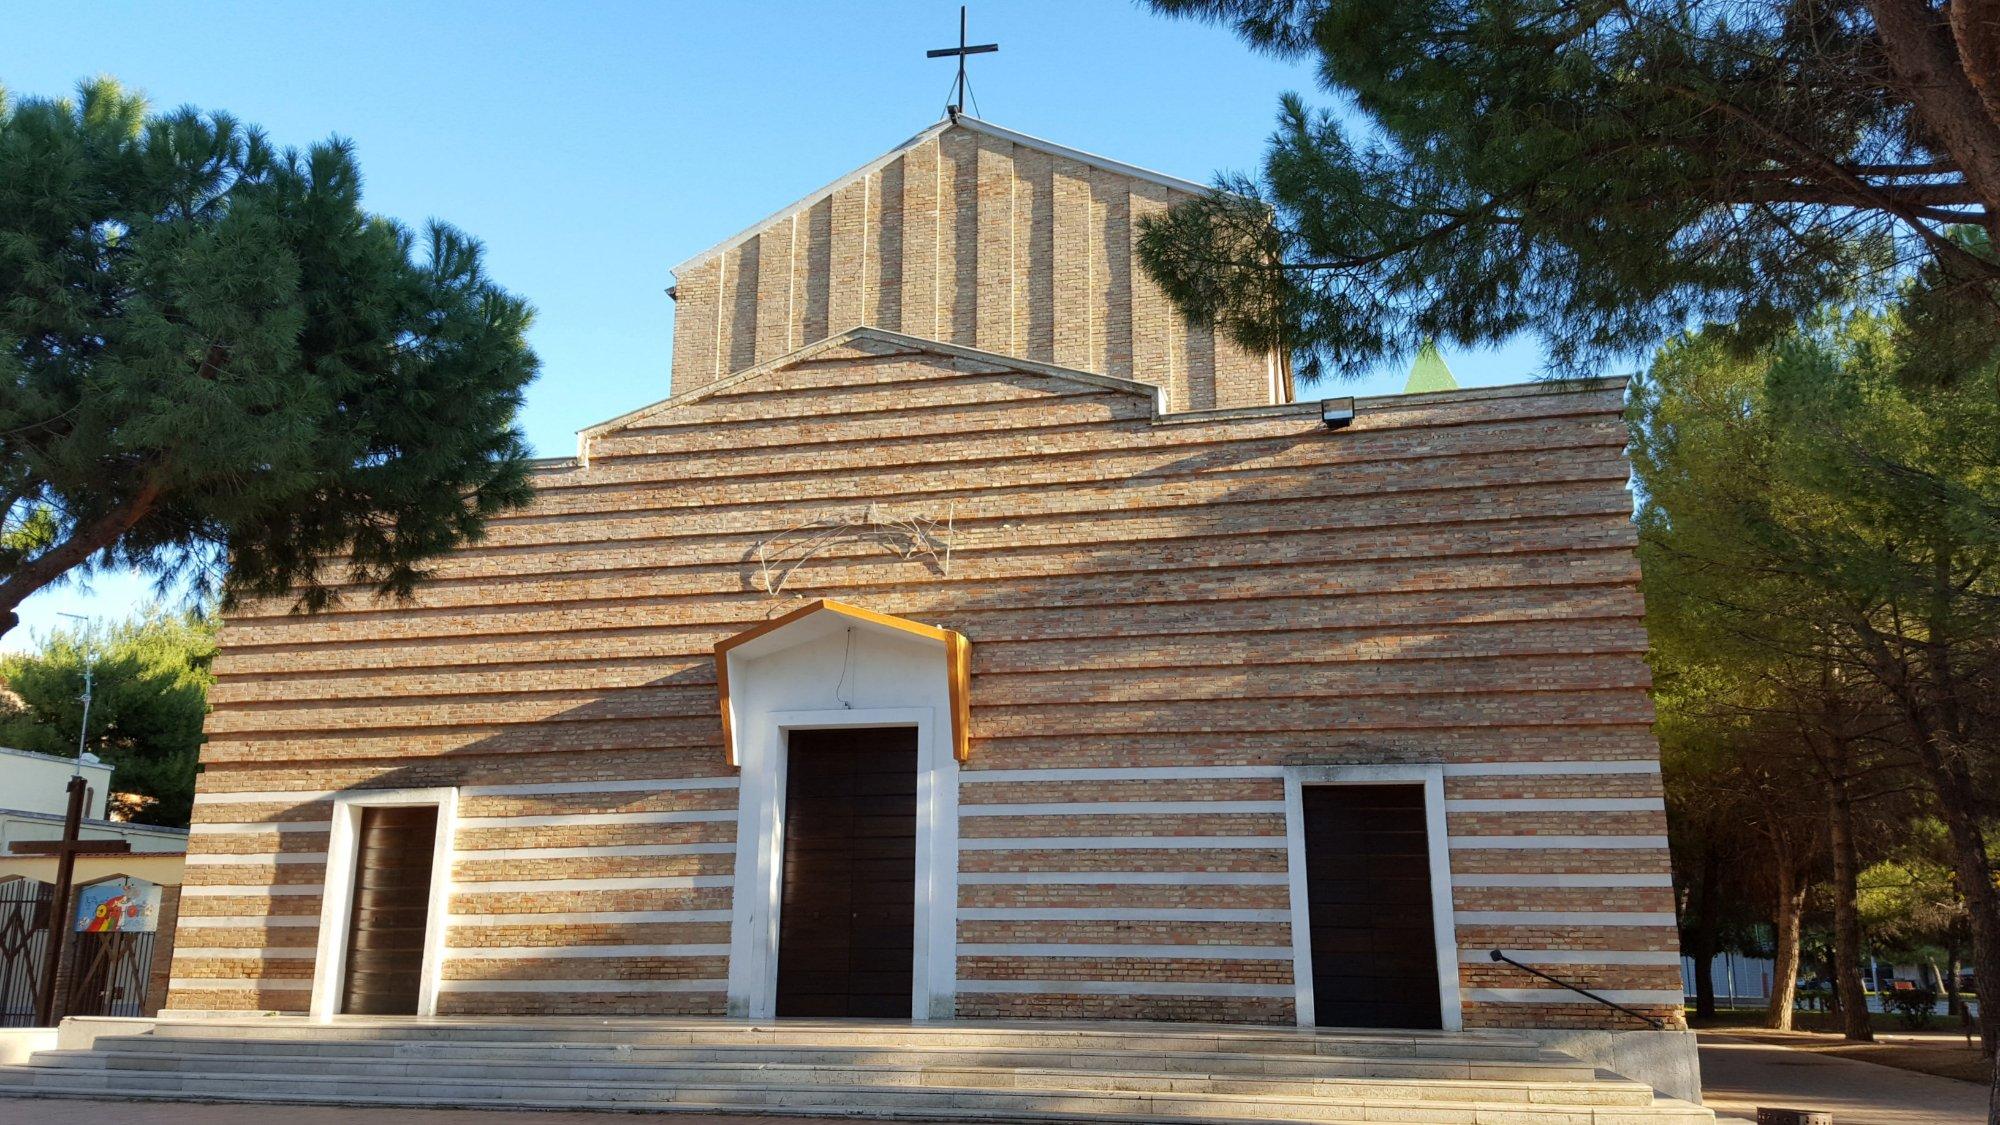 Chiesa Parrocchiale di San Ciro